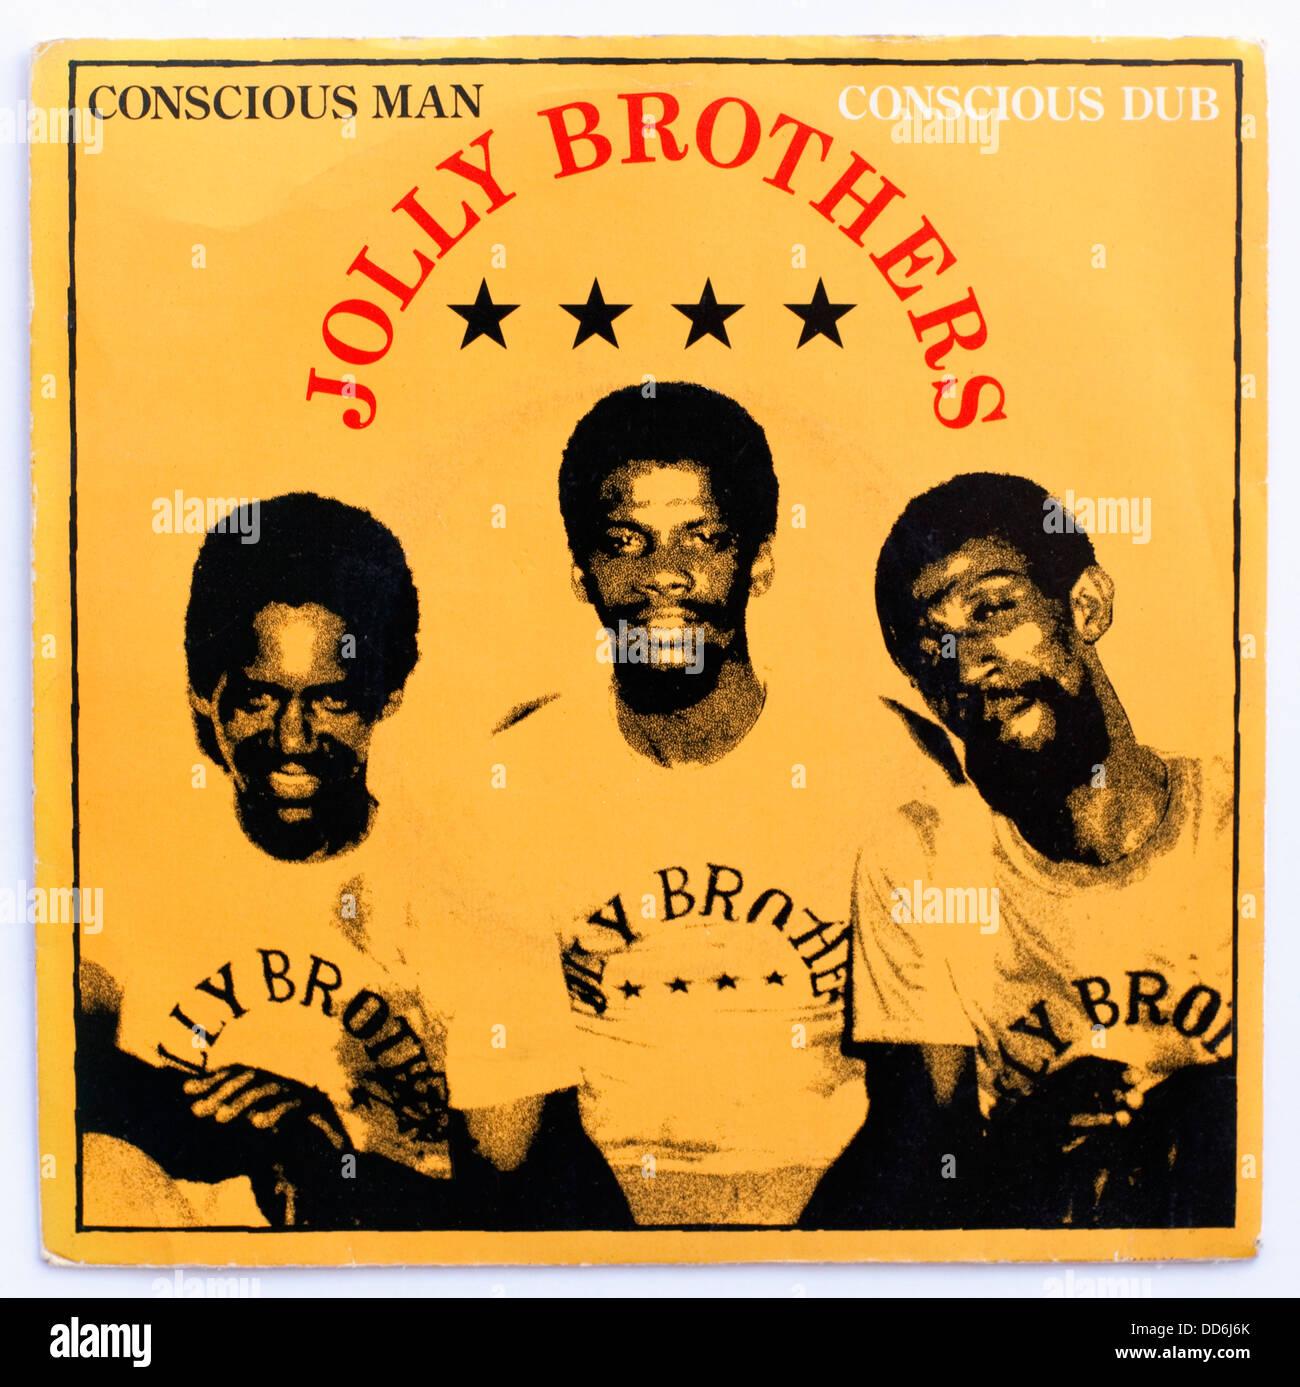 Jolly frères - l'homme conscient, 1978 7' photo couvrir seul sur ballistic/ua Photo Stock